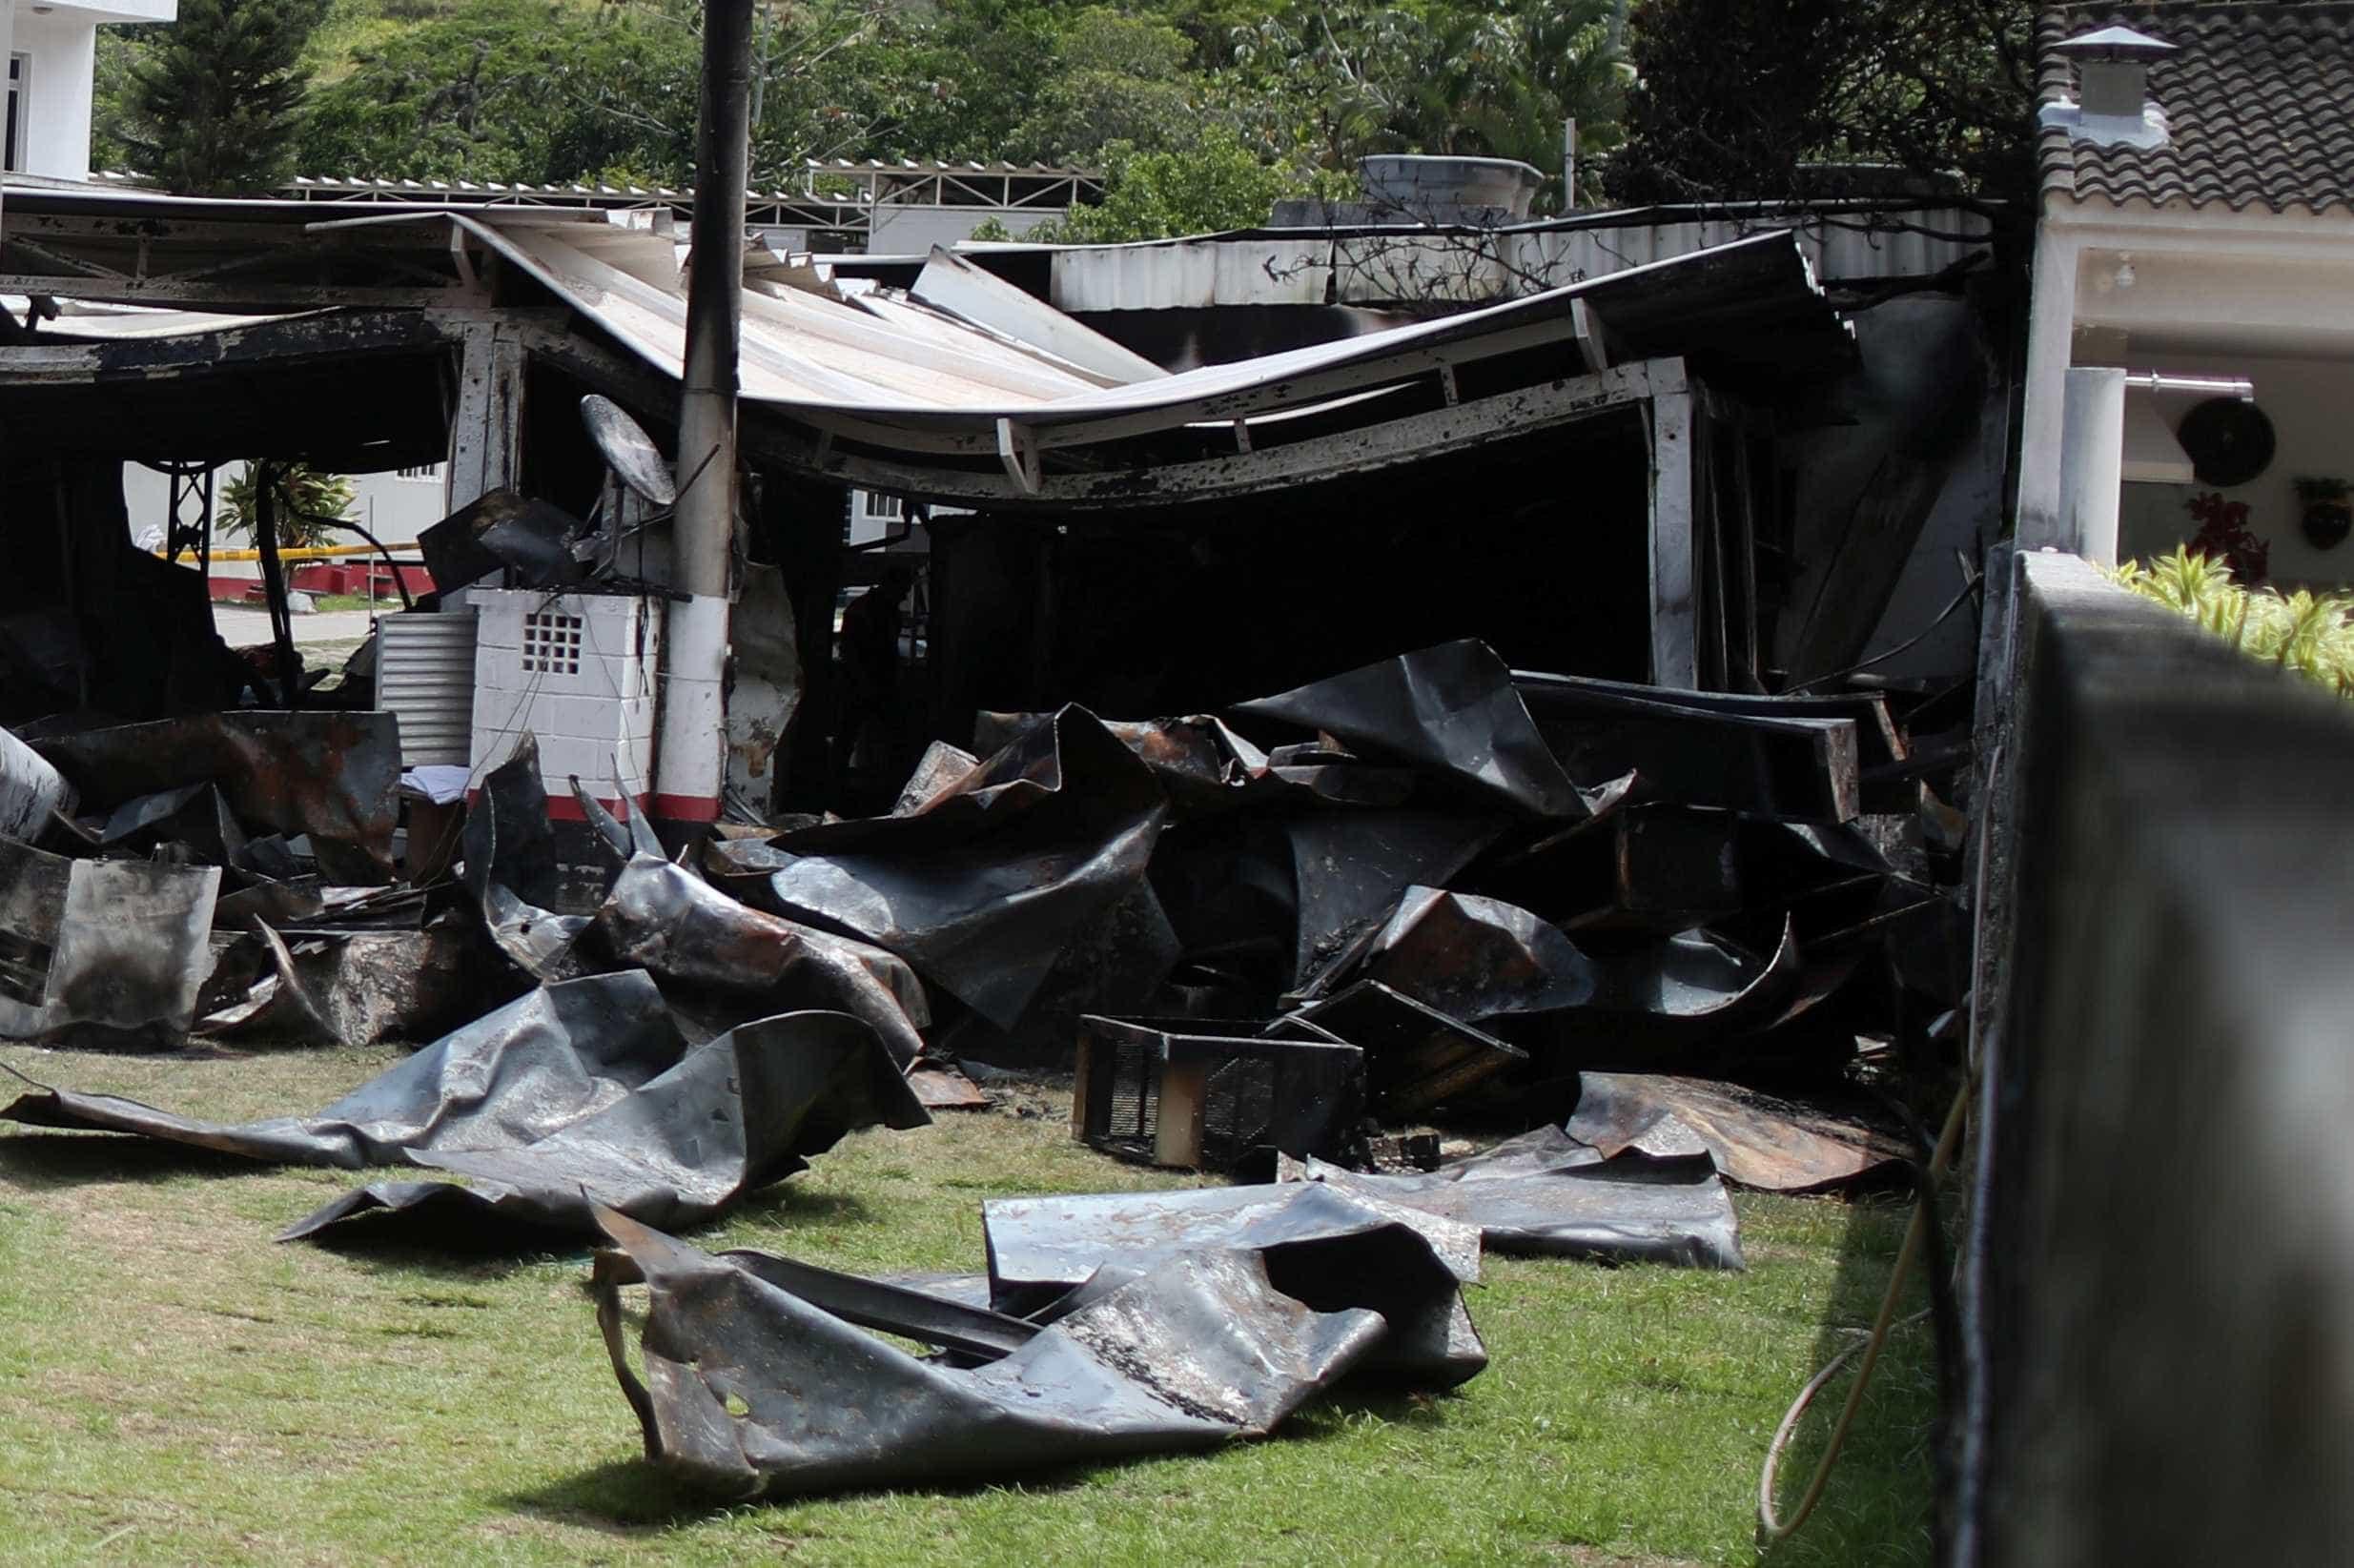 Perícia apontou que problema no ar-condicionado ocasionou incêndio